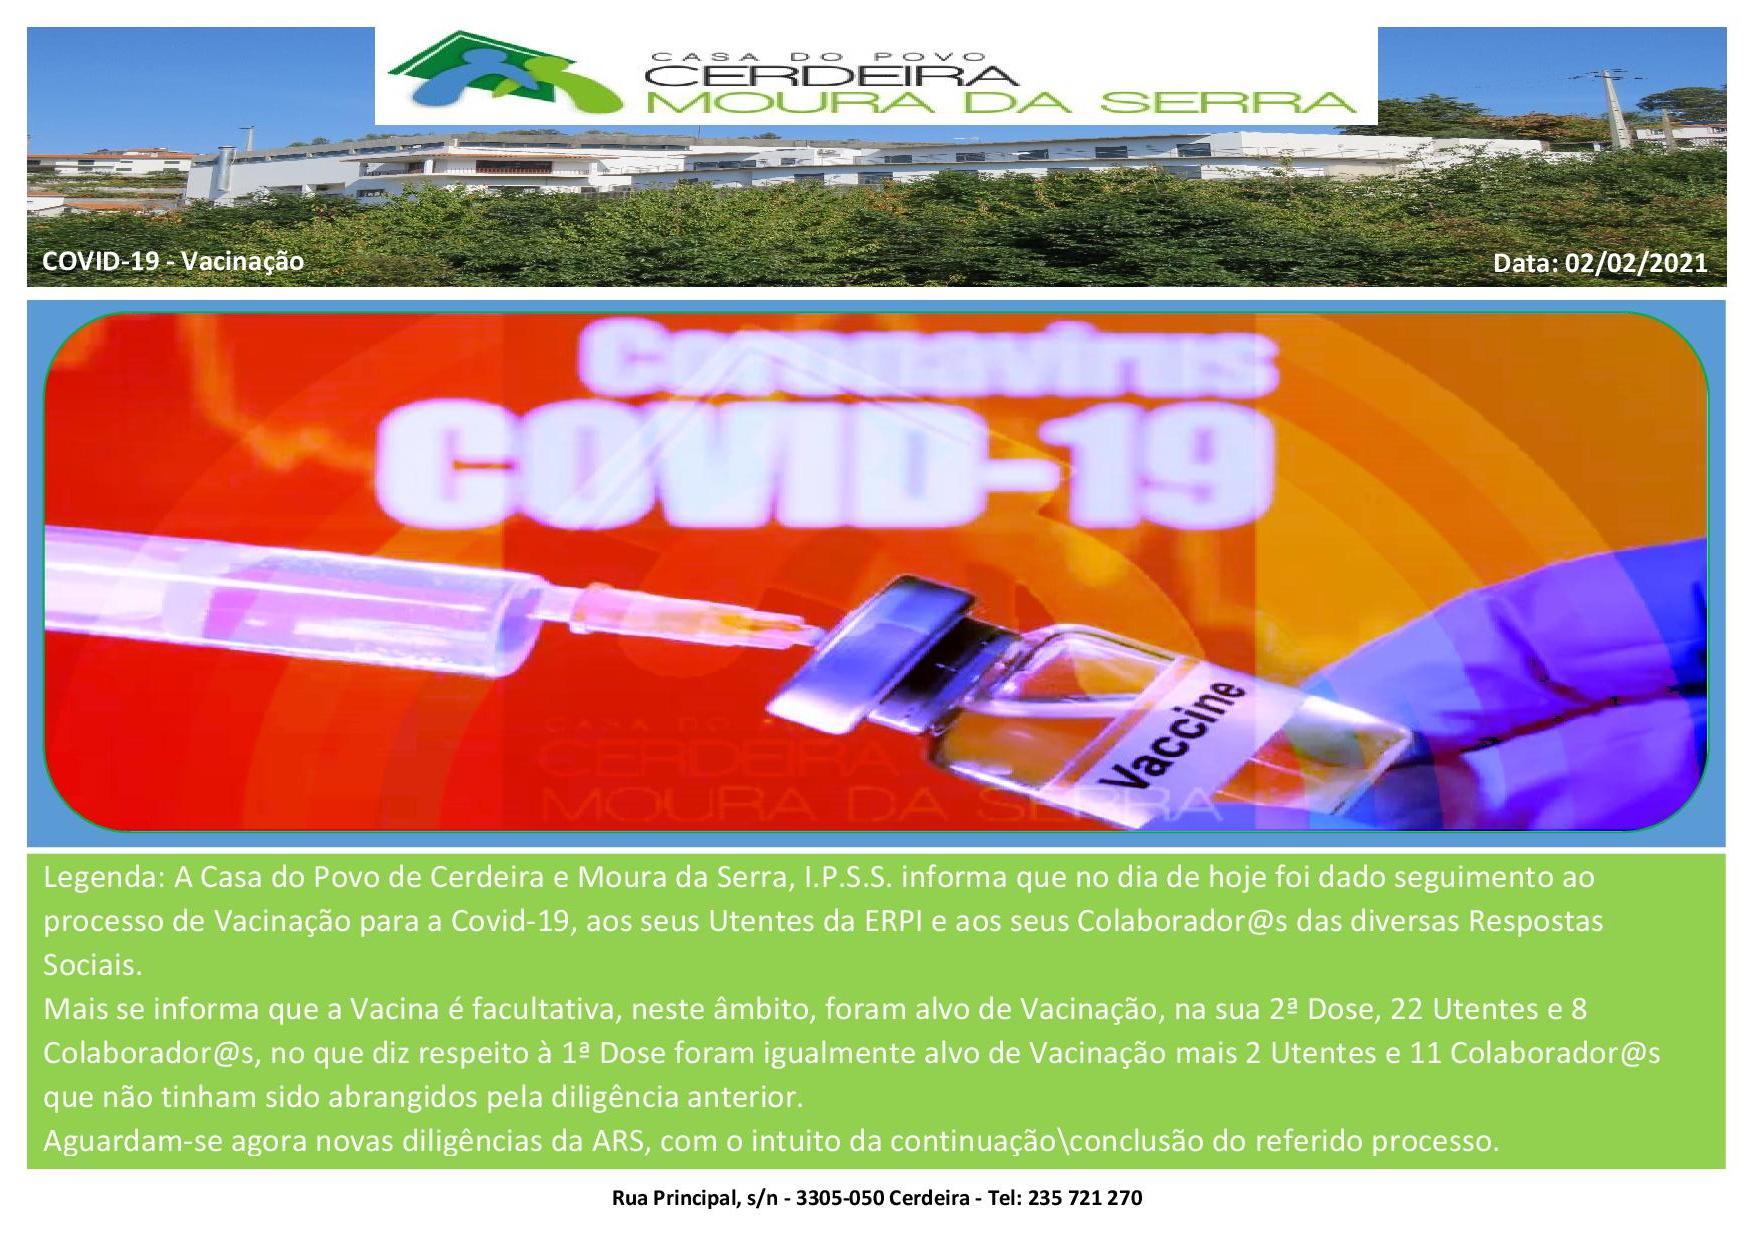 Casa do Povo de Cerdeira e Moura da Serra, I.P.S.S. – Vacinação 2 (Covid-19)